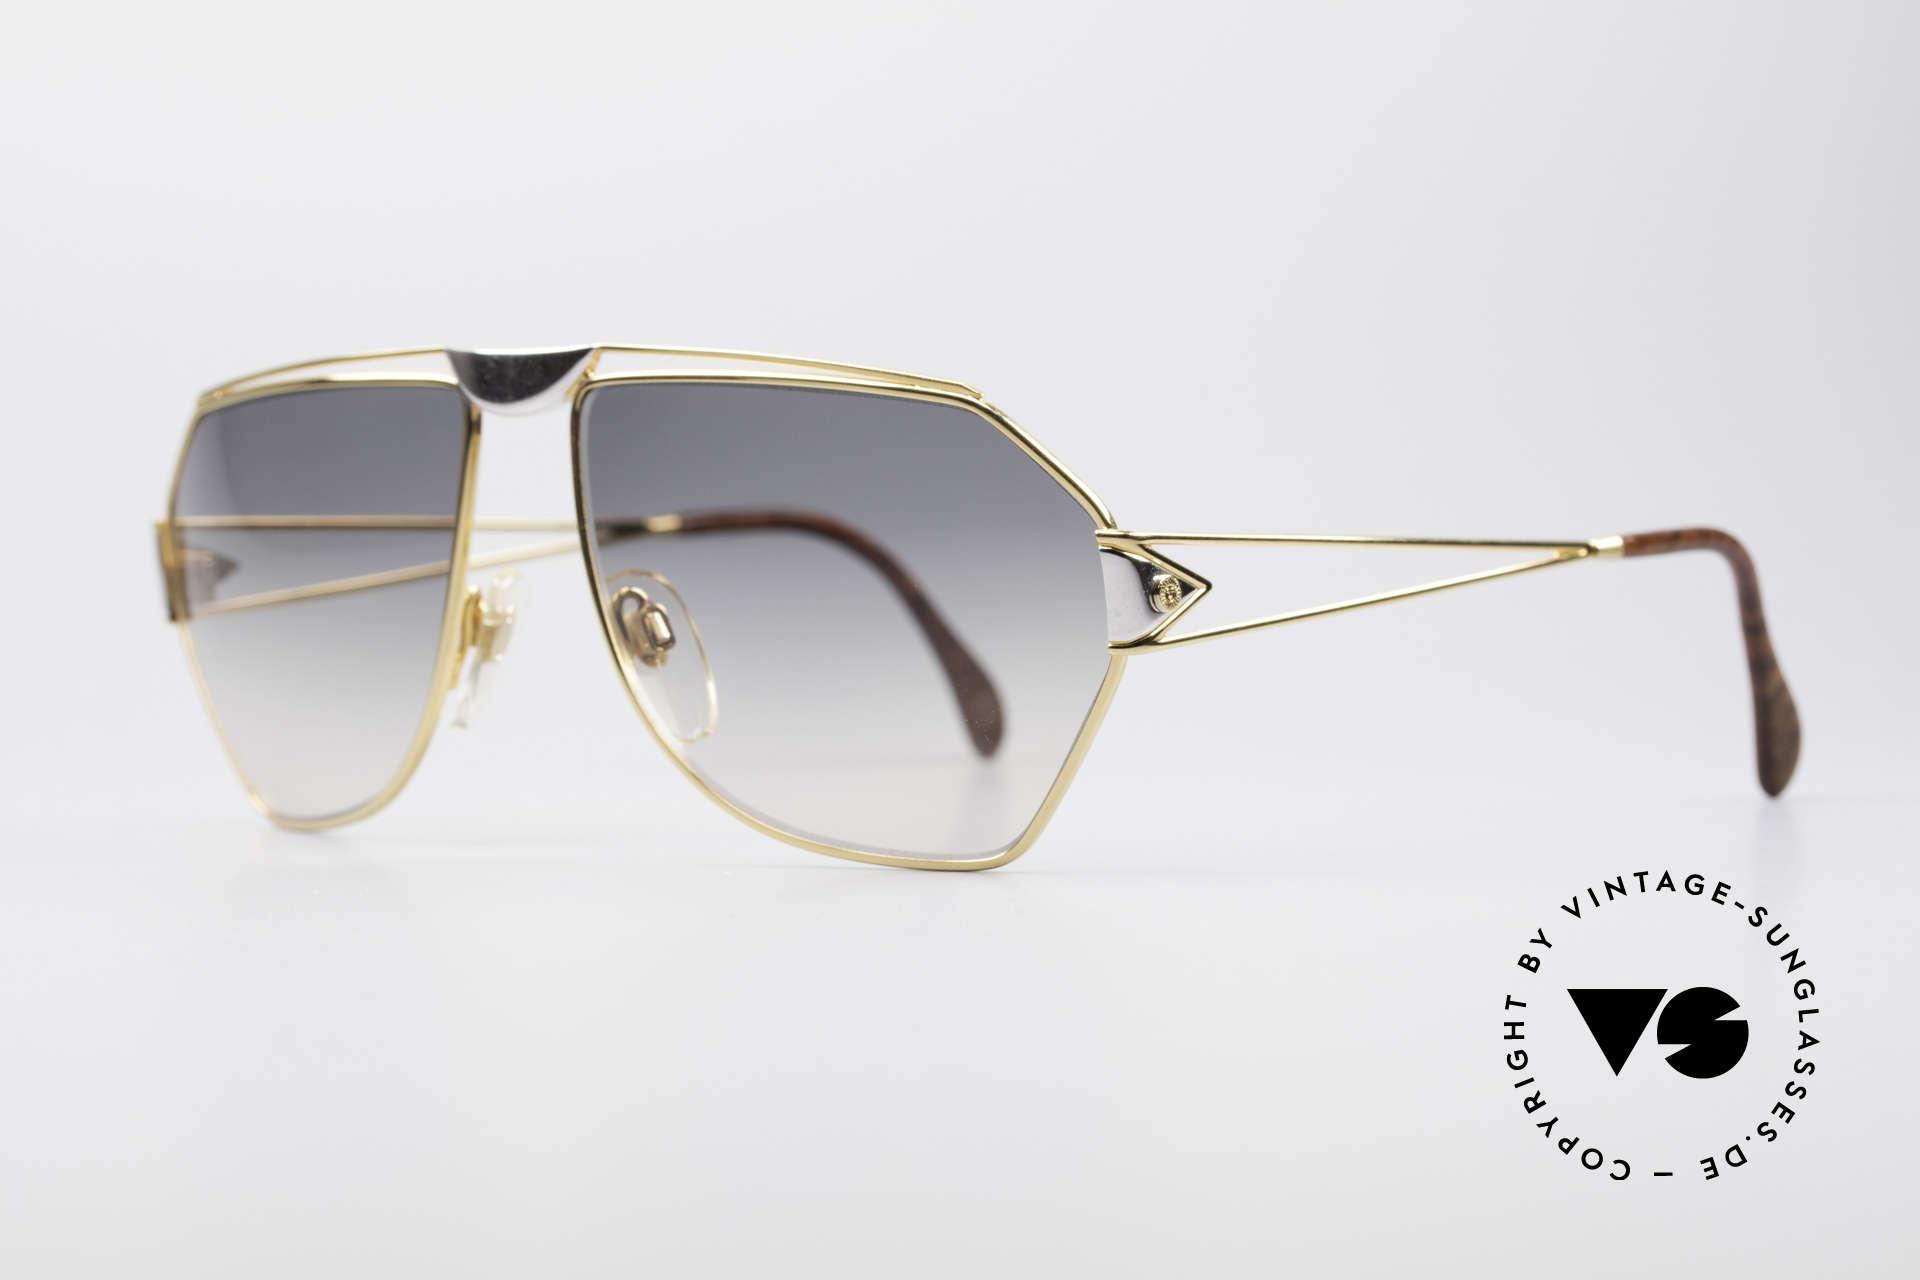 St. Moritz 403 80er Jupiter Sonnenbrille, in Kleinstserie produziert: jeder Rahmen ist nummeriert, Passend für Herren